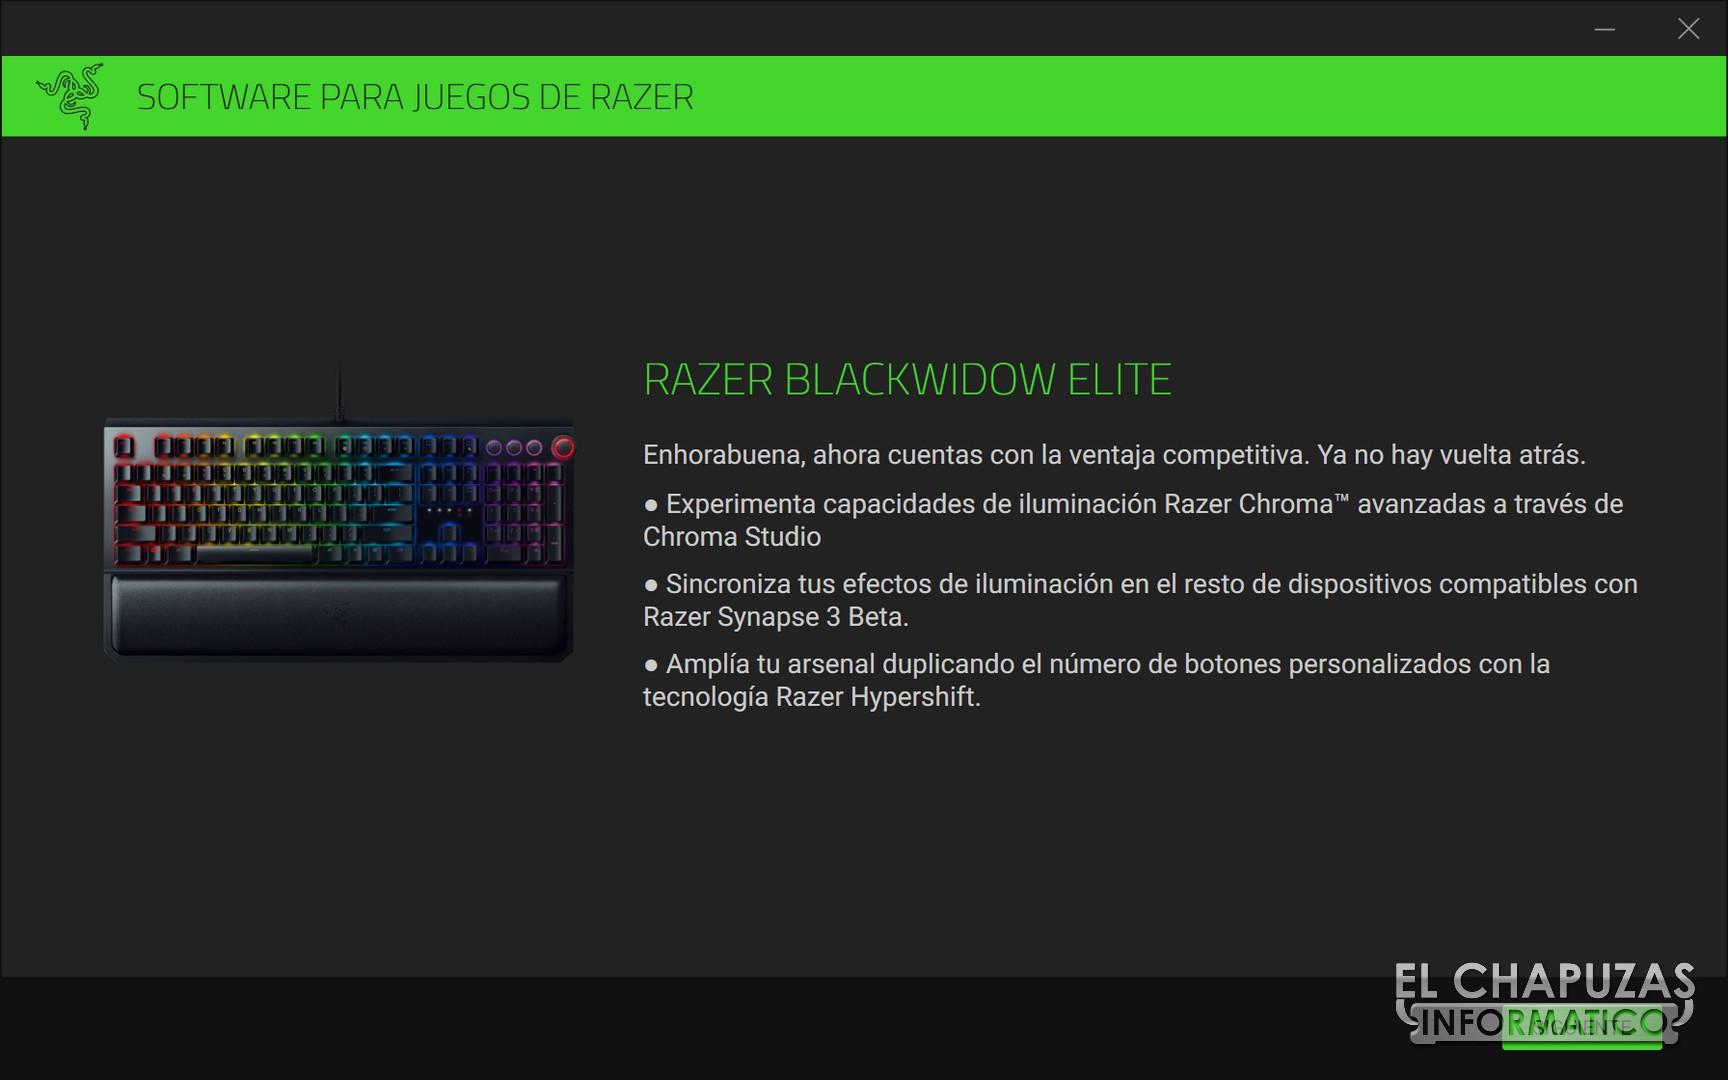 How To Use Razer Chroma Studio